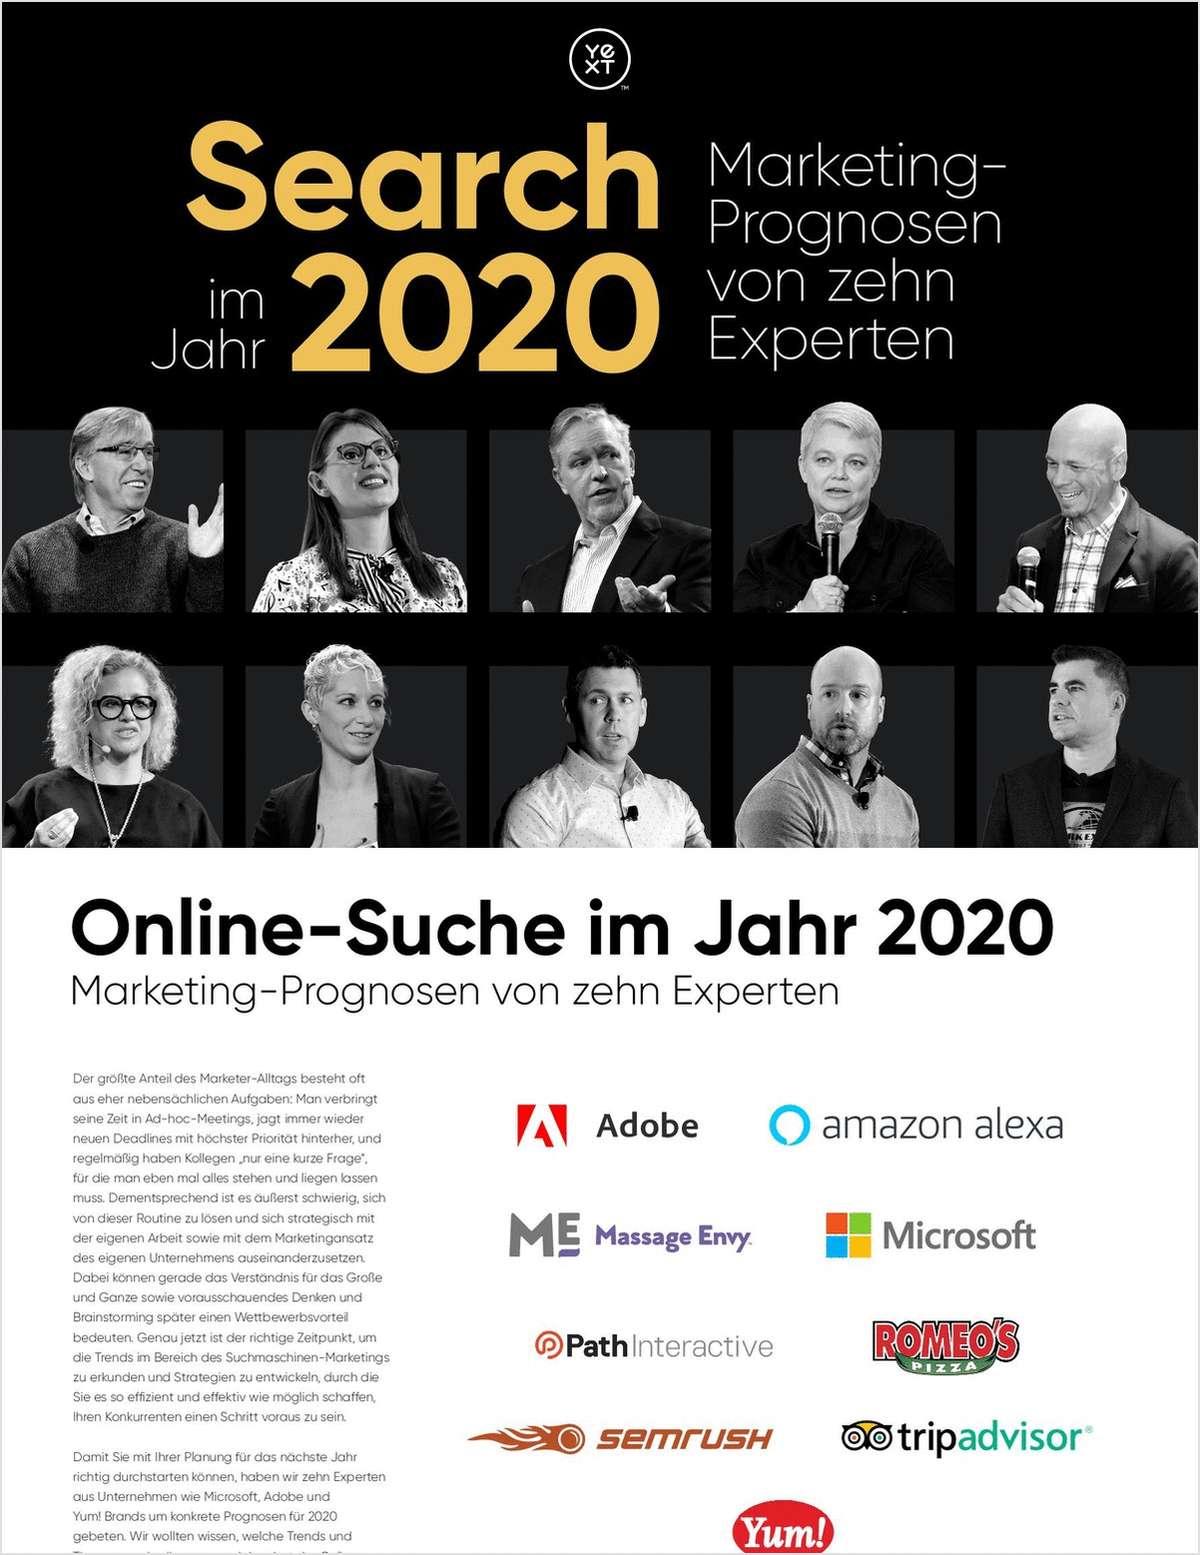 Search im Jahr 2020?